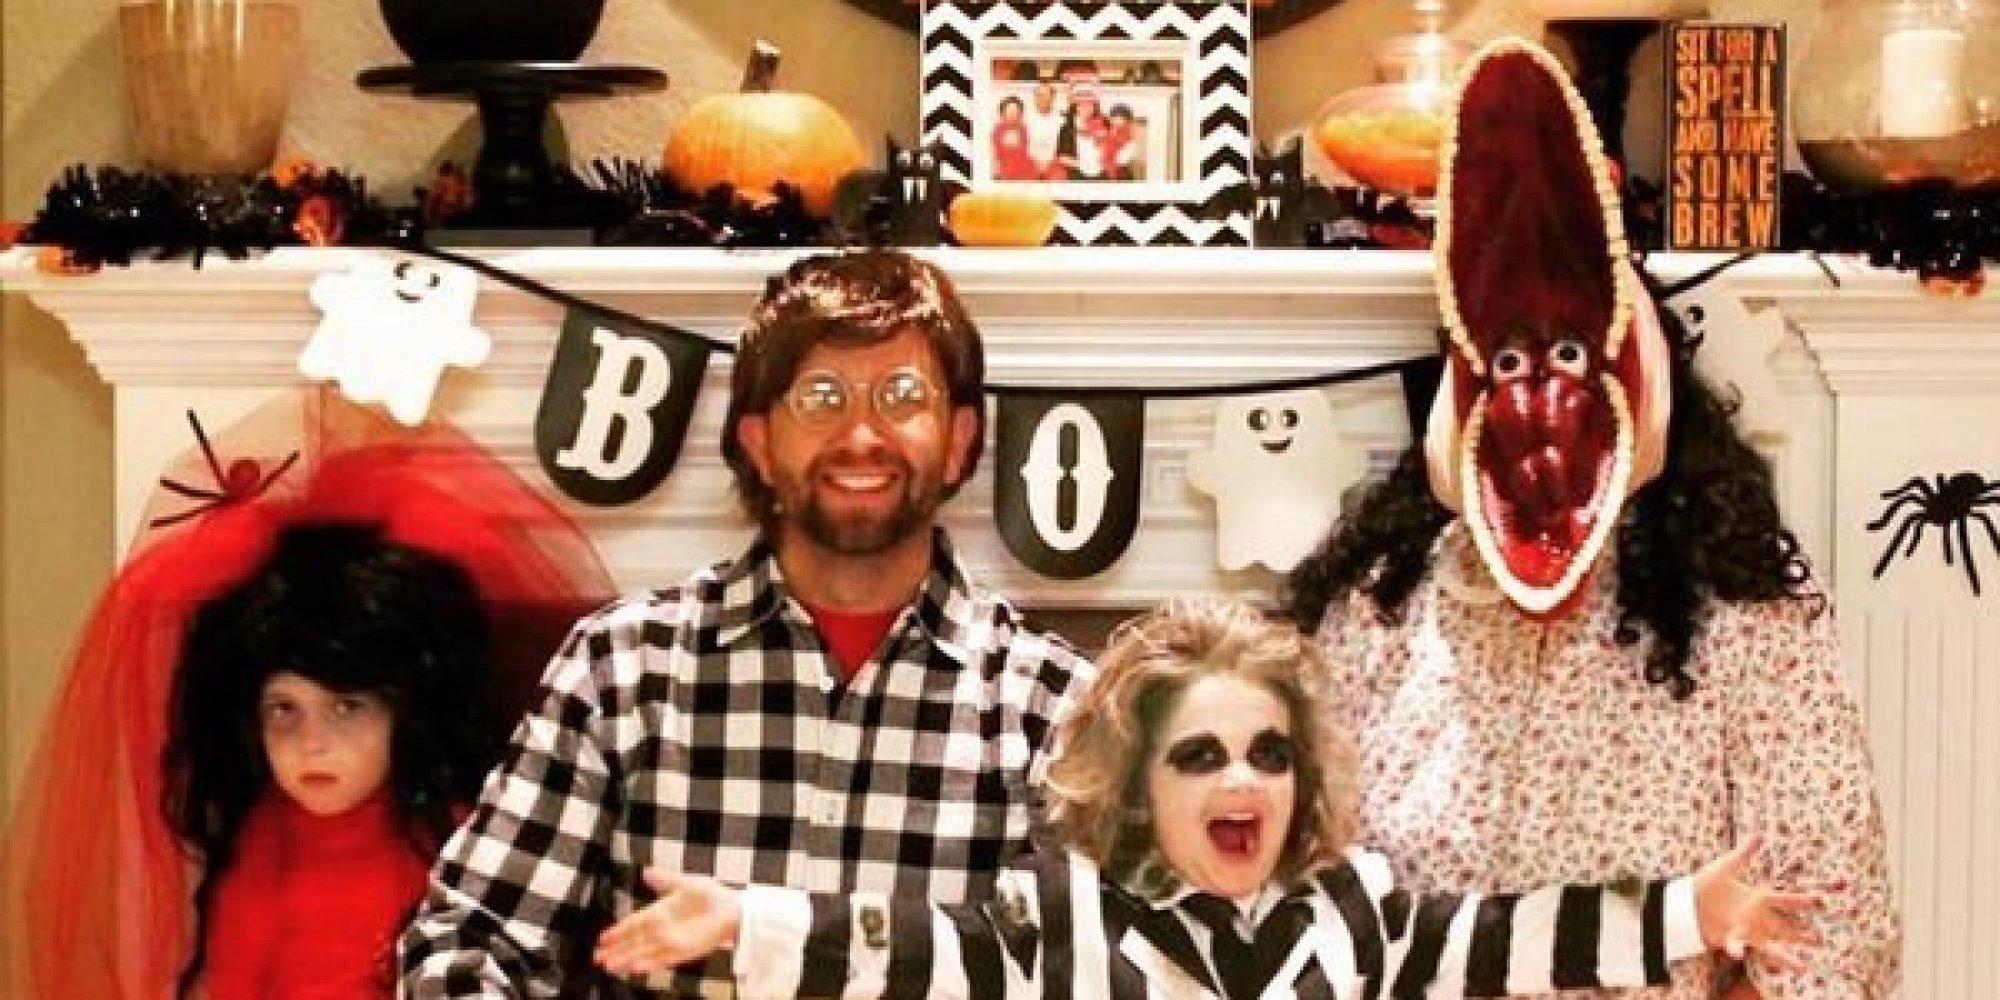 50 id es de costumes pour passer l 39 halloween en famille - Halloween en famille ...